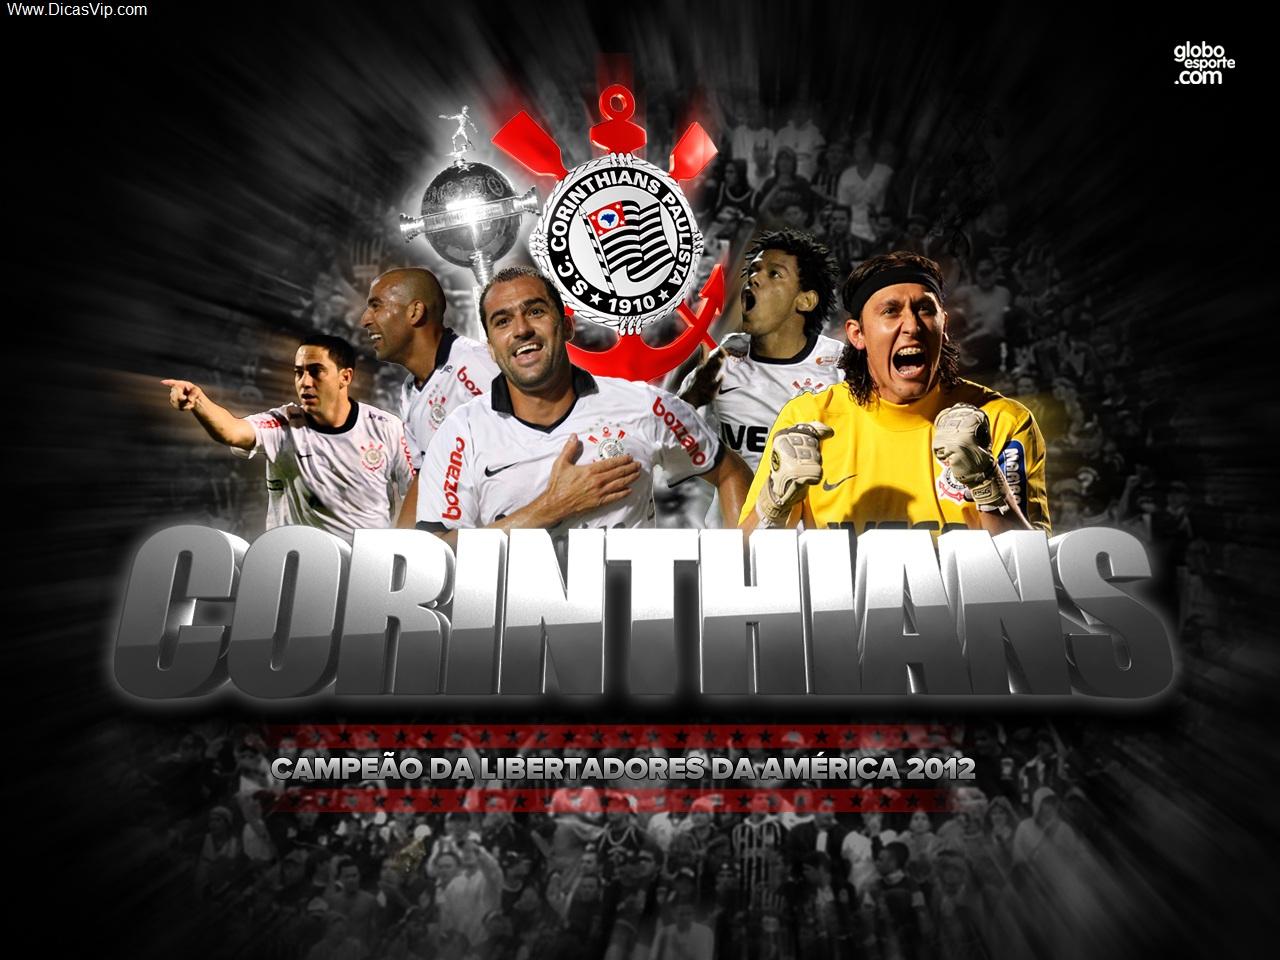 Papel de parede Corinthians campeão da libertadores 2012